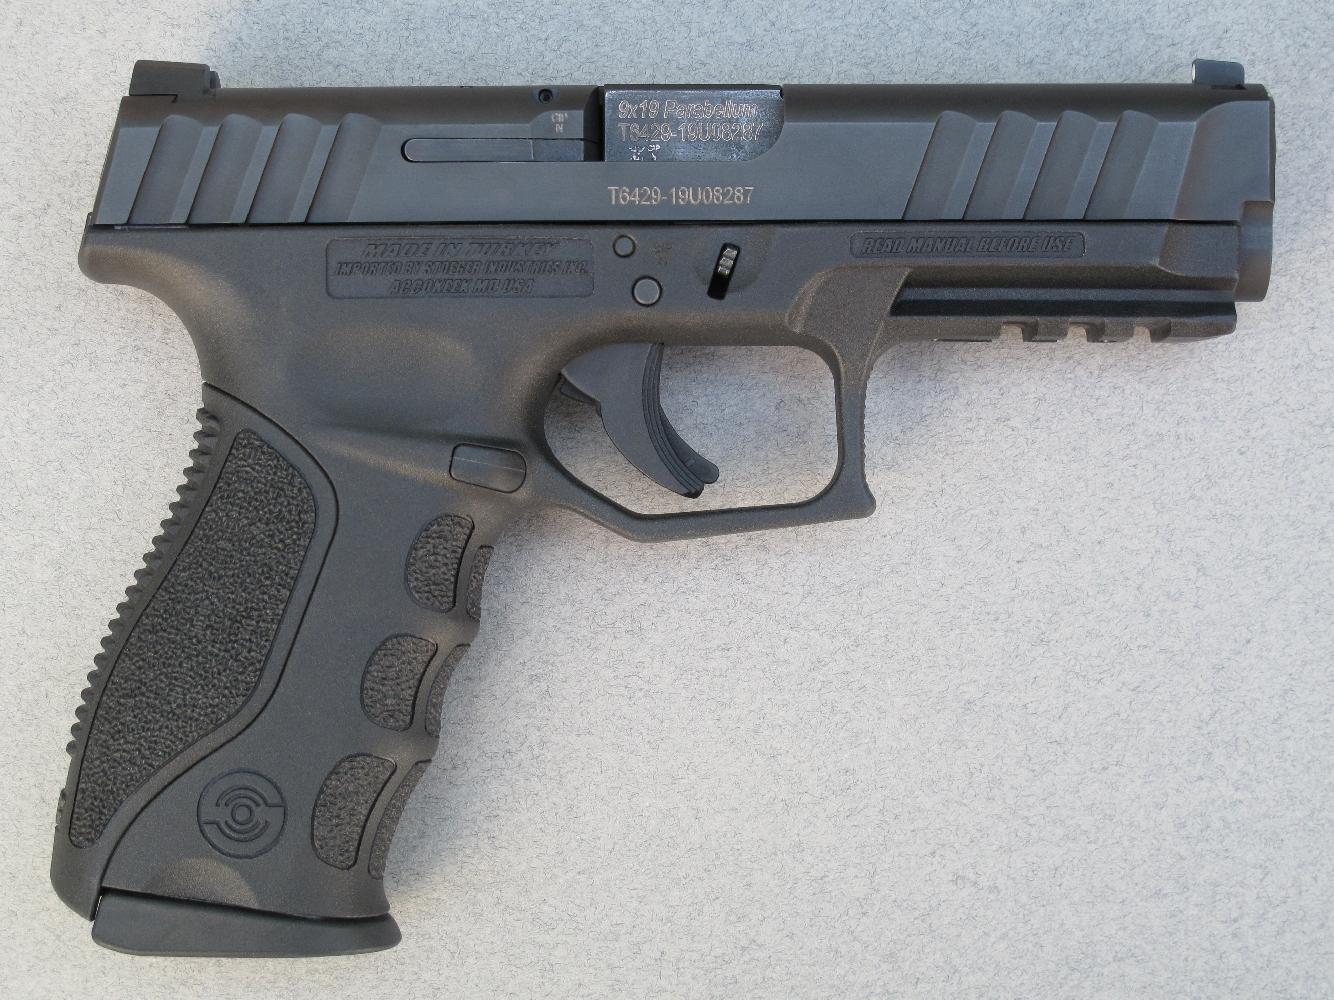 Si le fabricant a soigné la conception graphique de ce pistolet semi-automatique, il semble s'être contenté, sur le plan fonctionnel, de copier scrupuleusement le mécanisme du Glock.